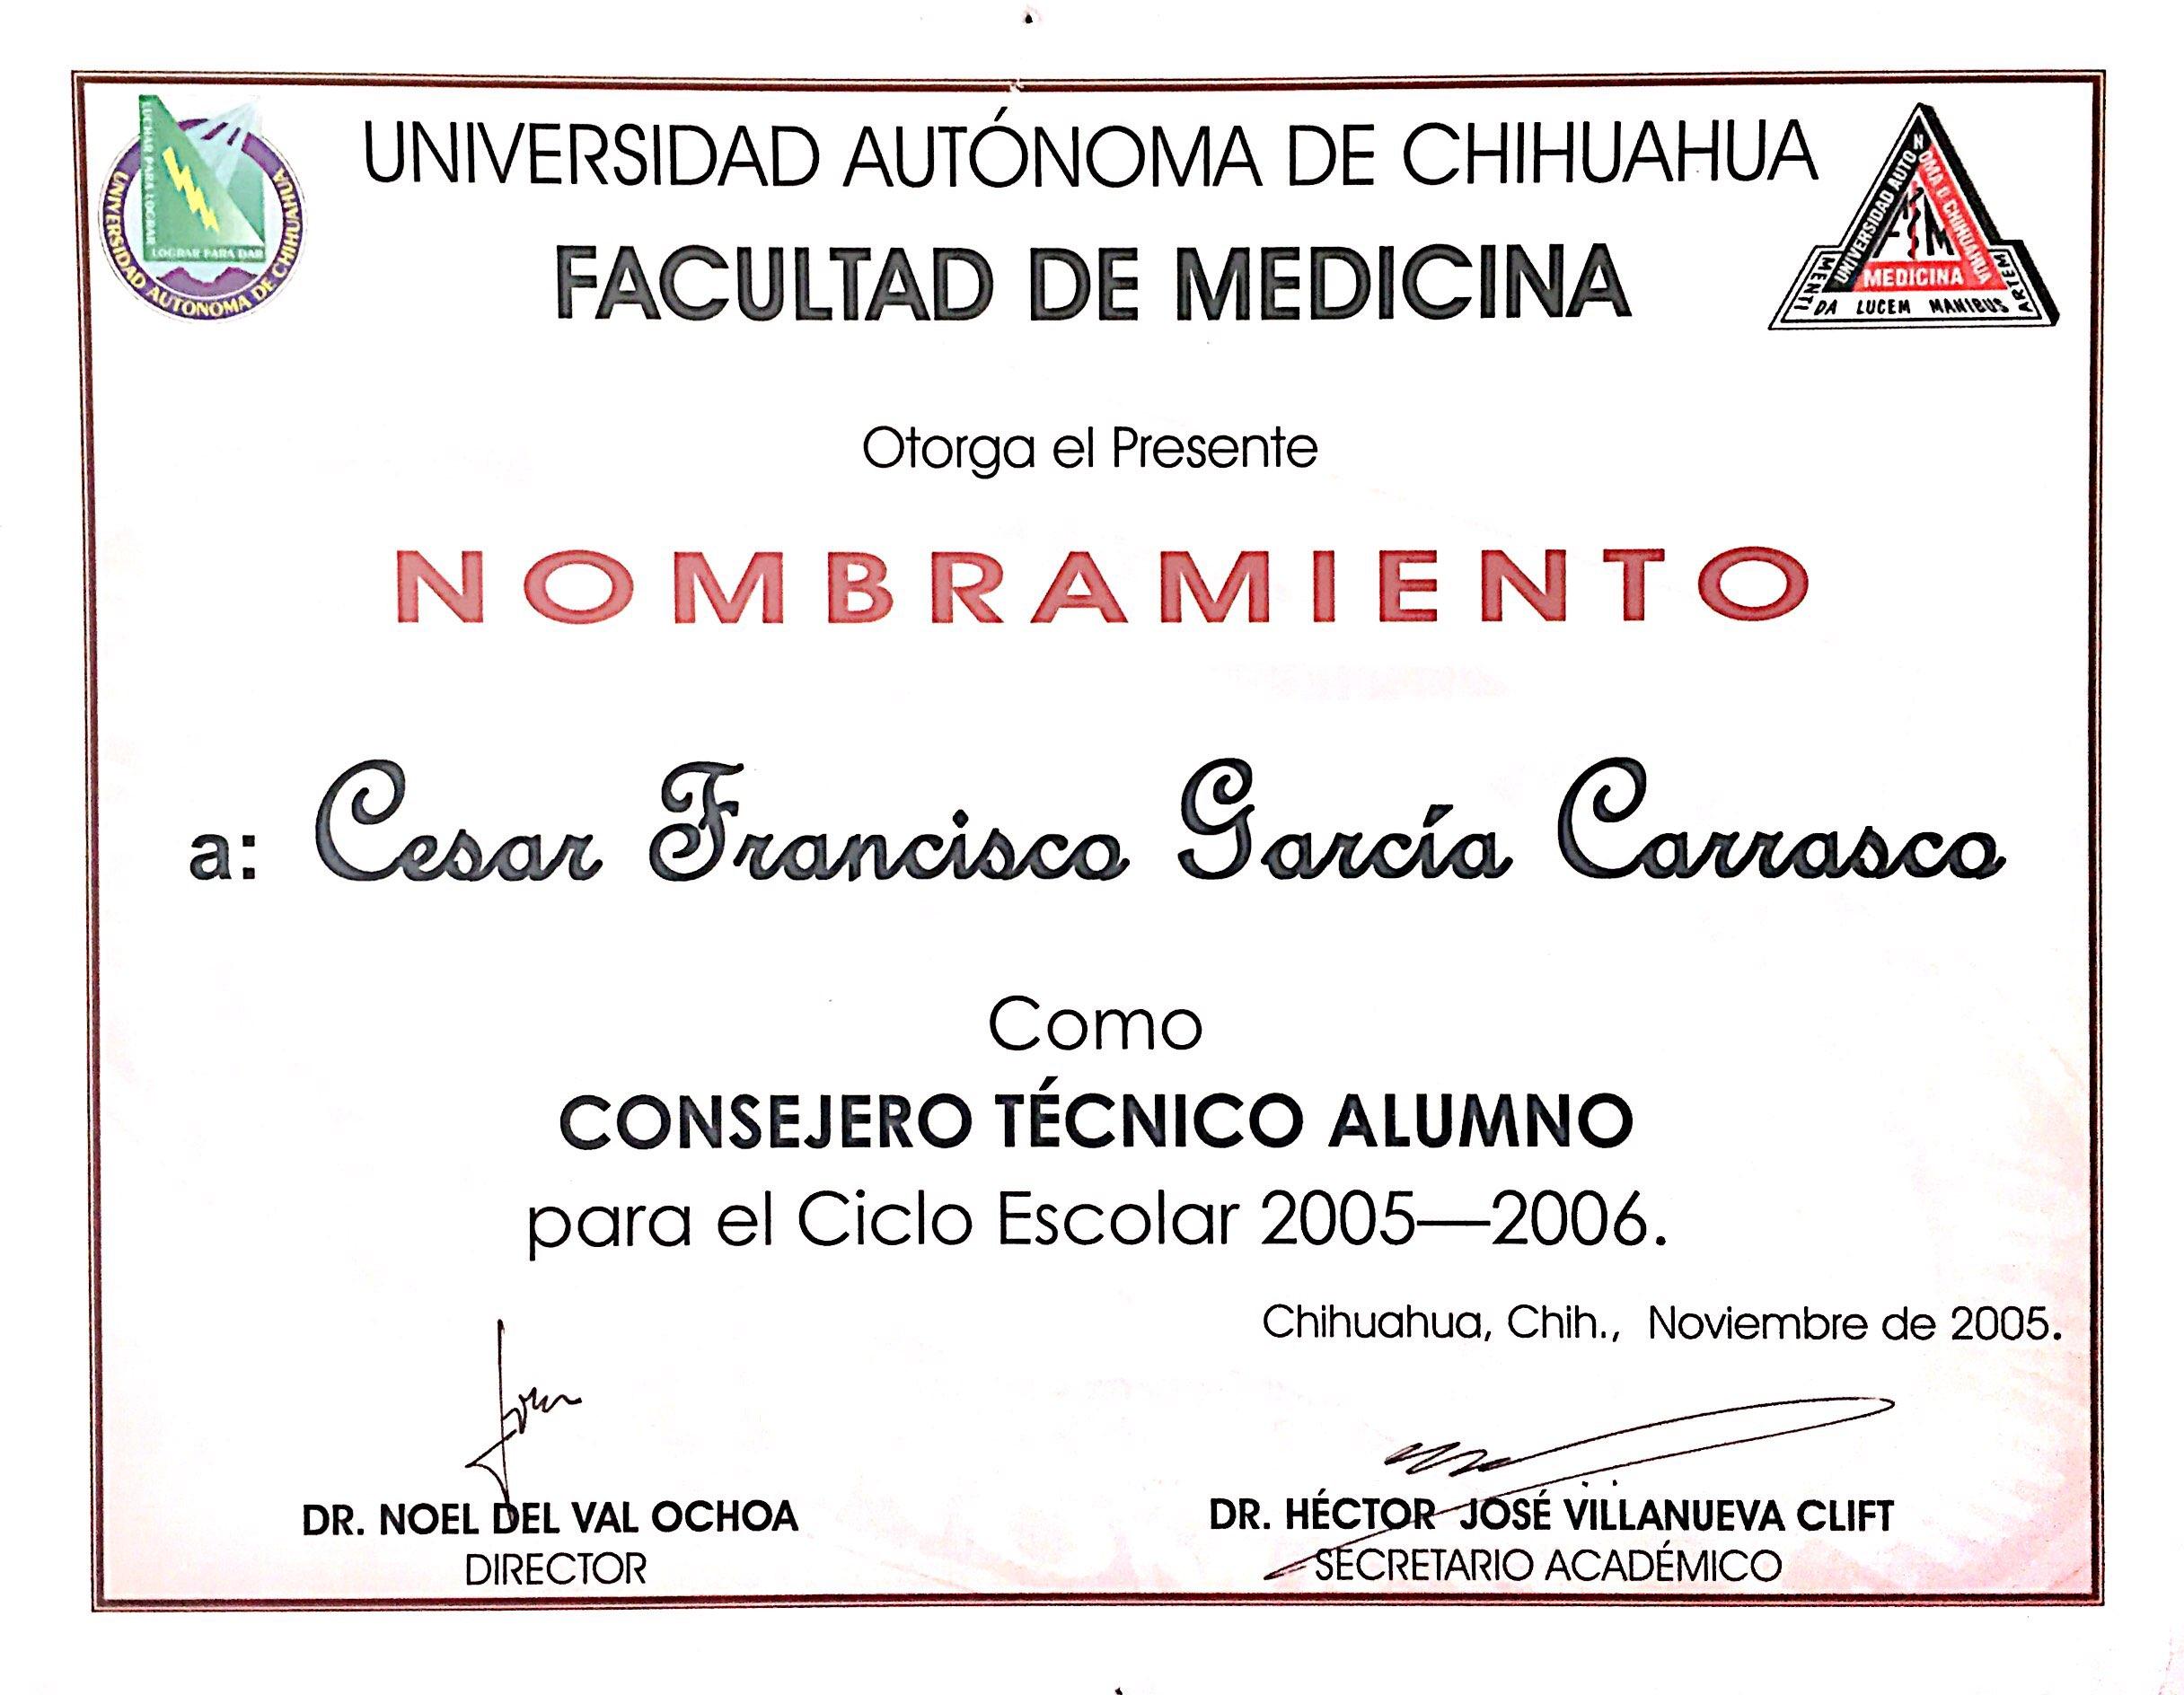 Dr. Garcia Carrazco_16